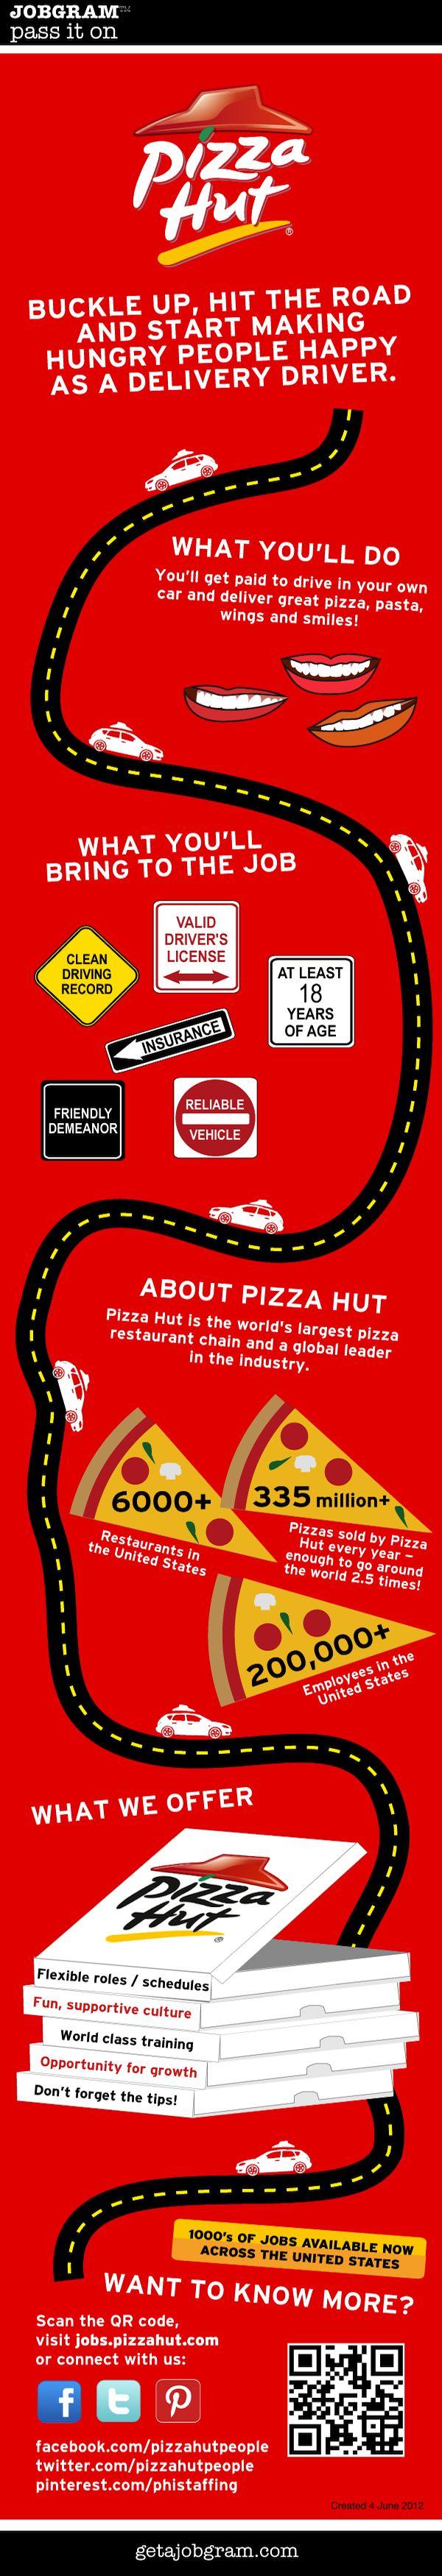 pizza job description